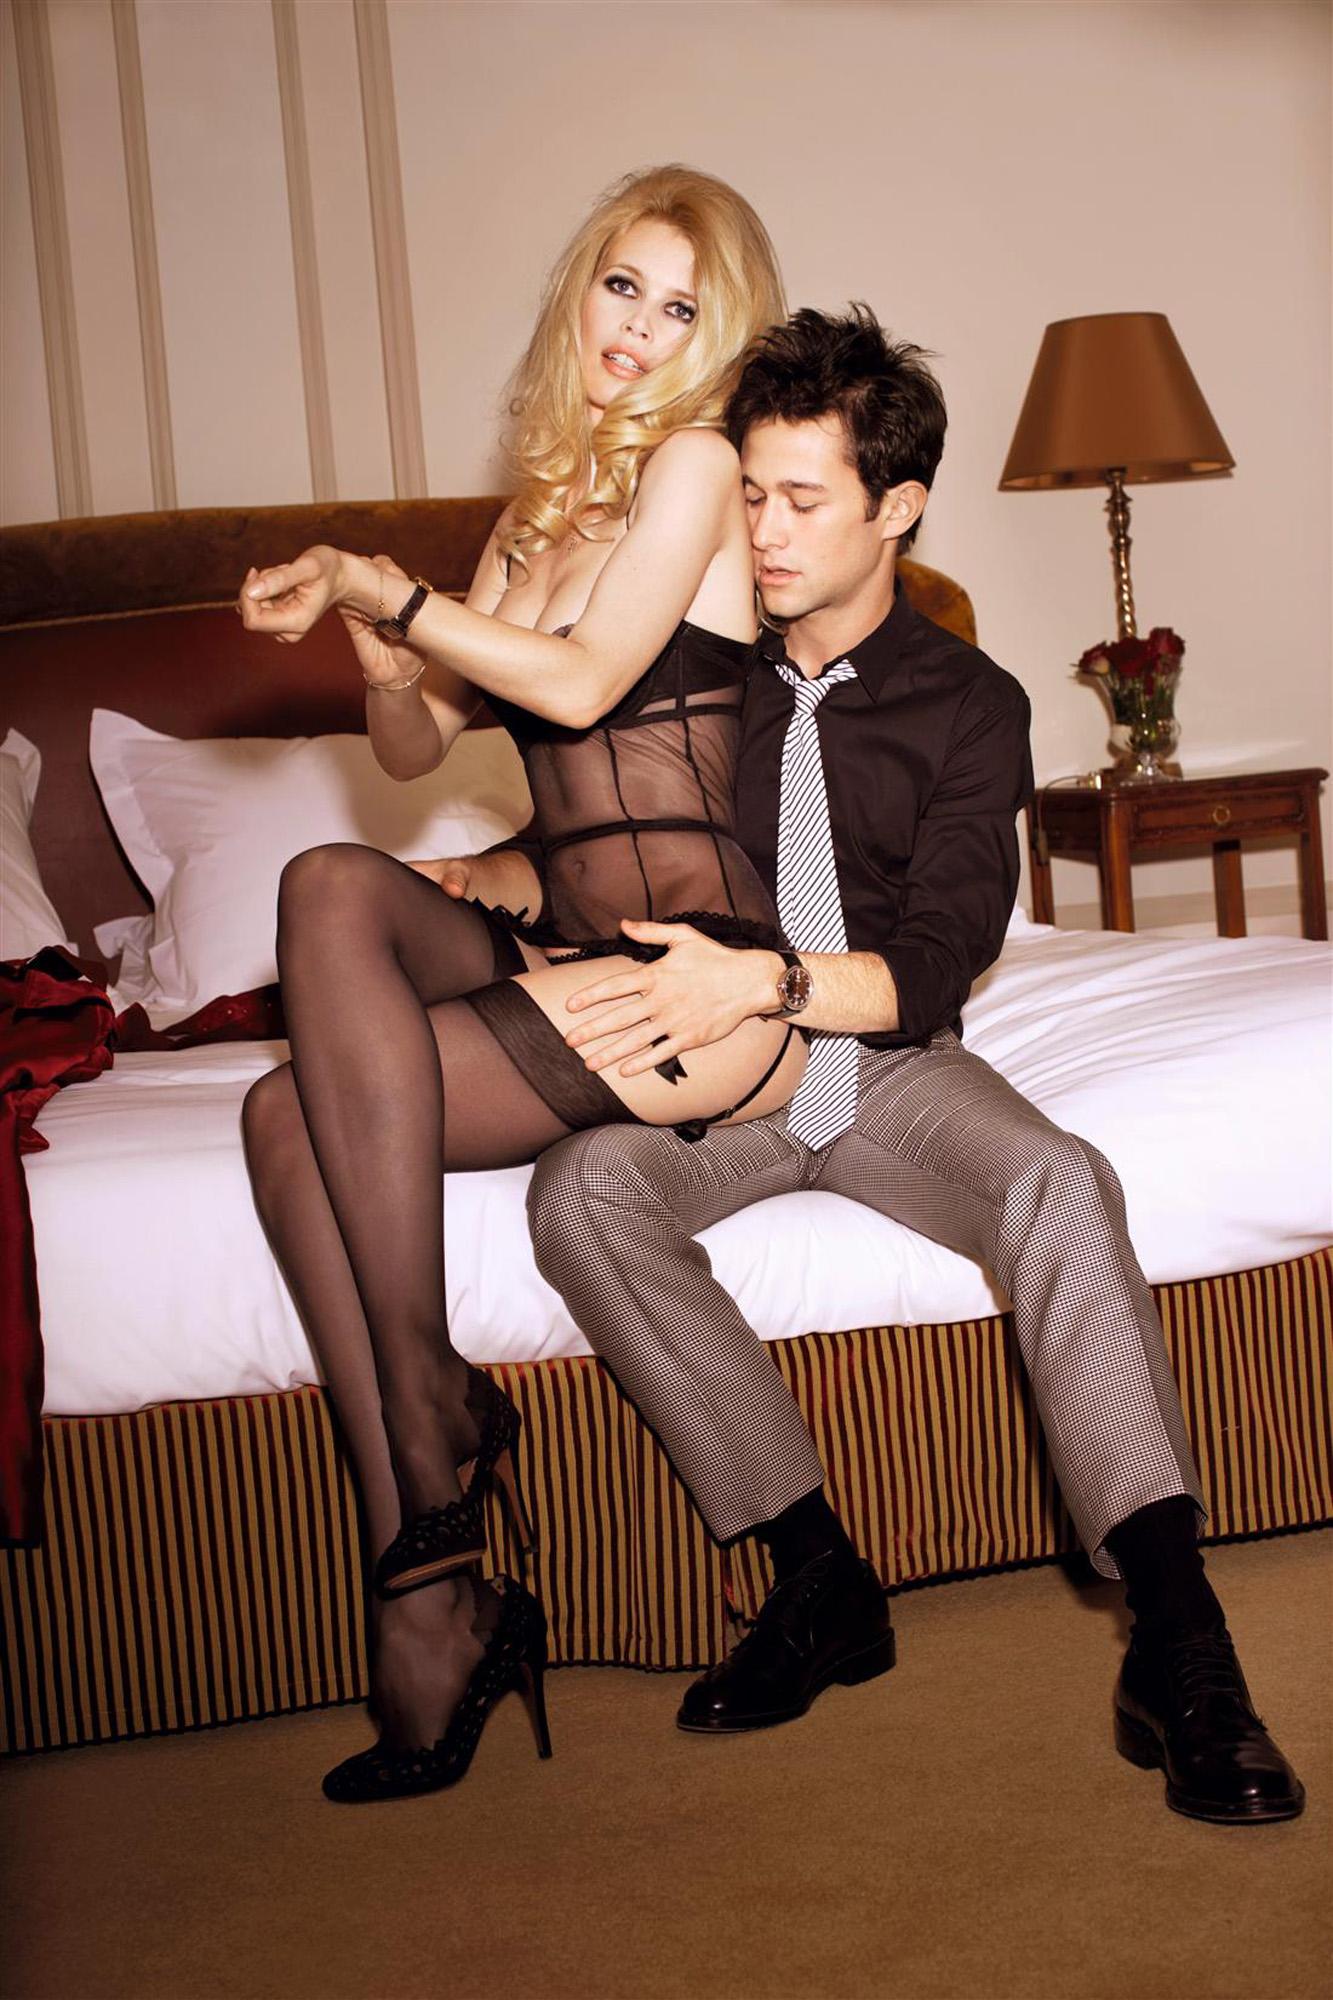 Мужики фотографируют голых любовниц в чулках  484421